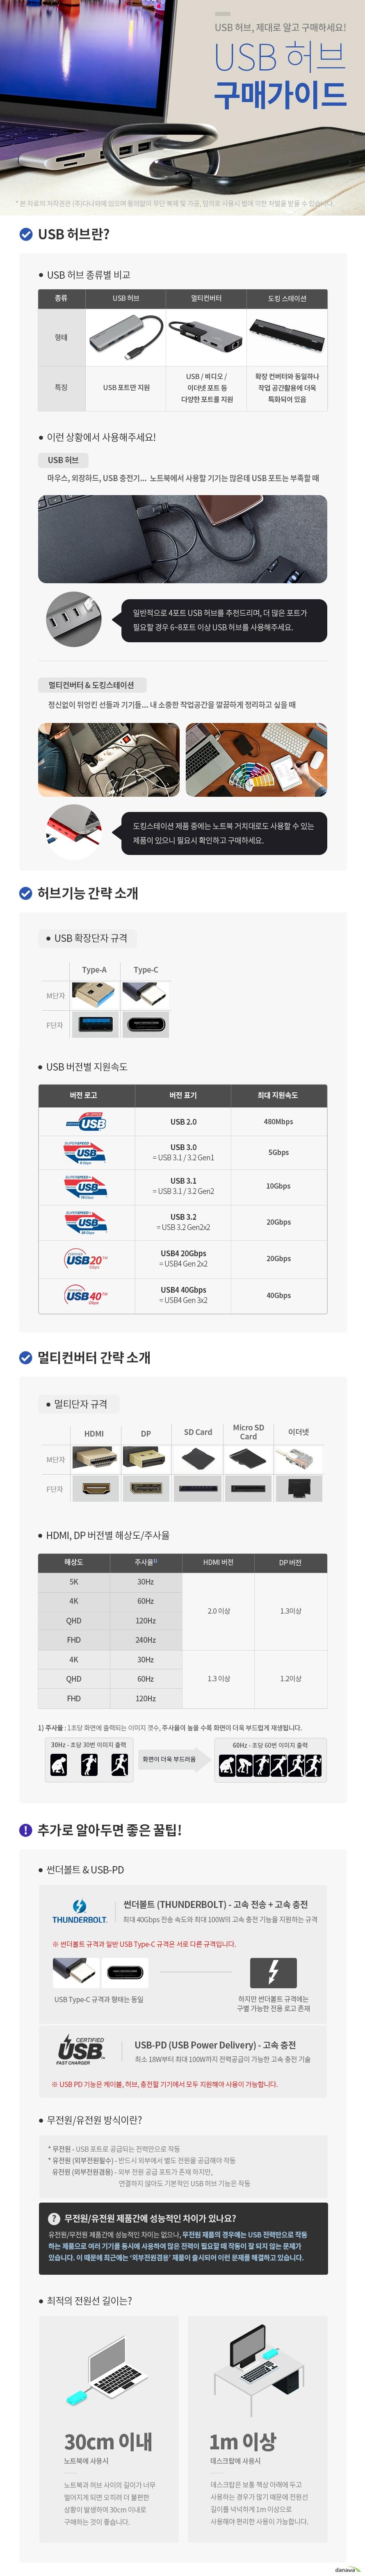 라이트컴 COMS FW700 (5포트/USB 3.1 Type C)